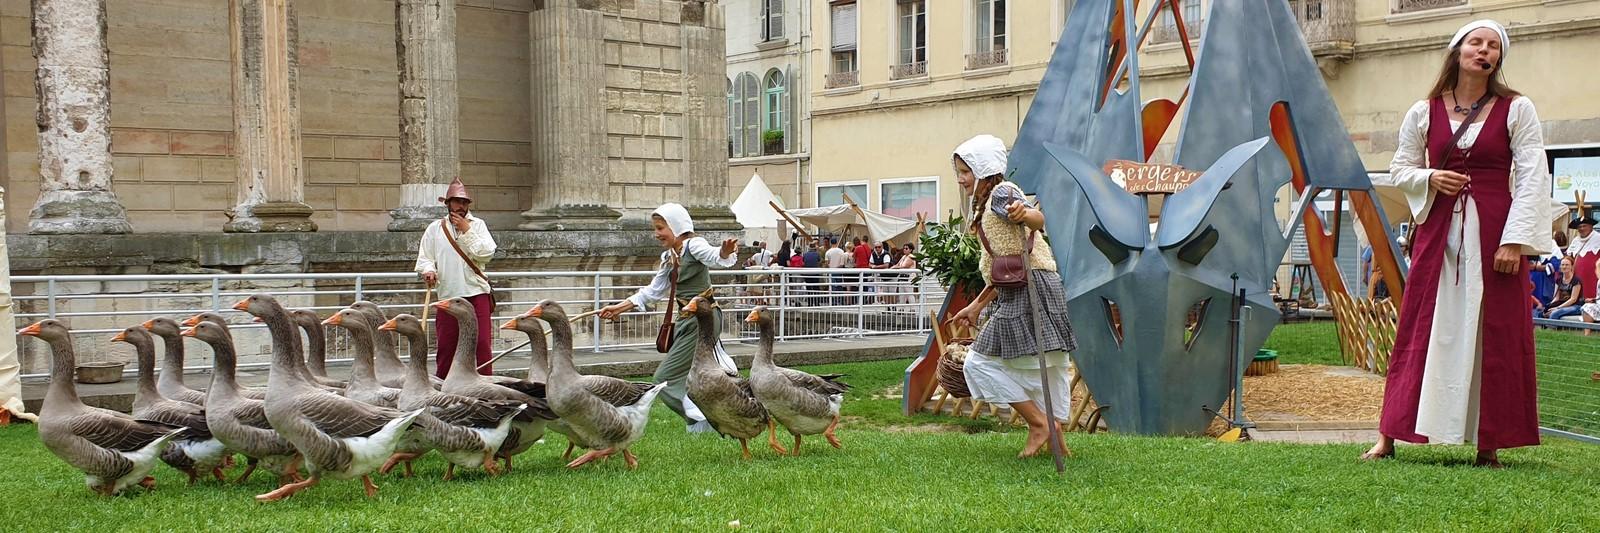 2019 09 01 medievale vienne 10 copier